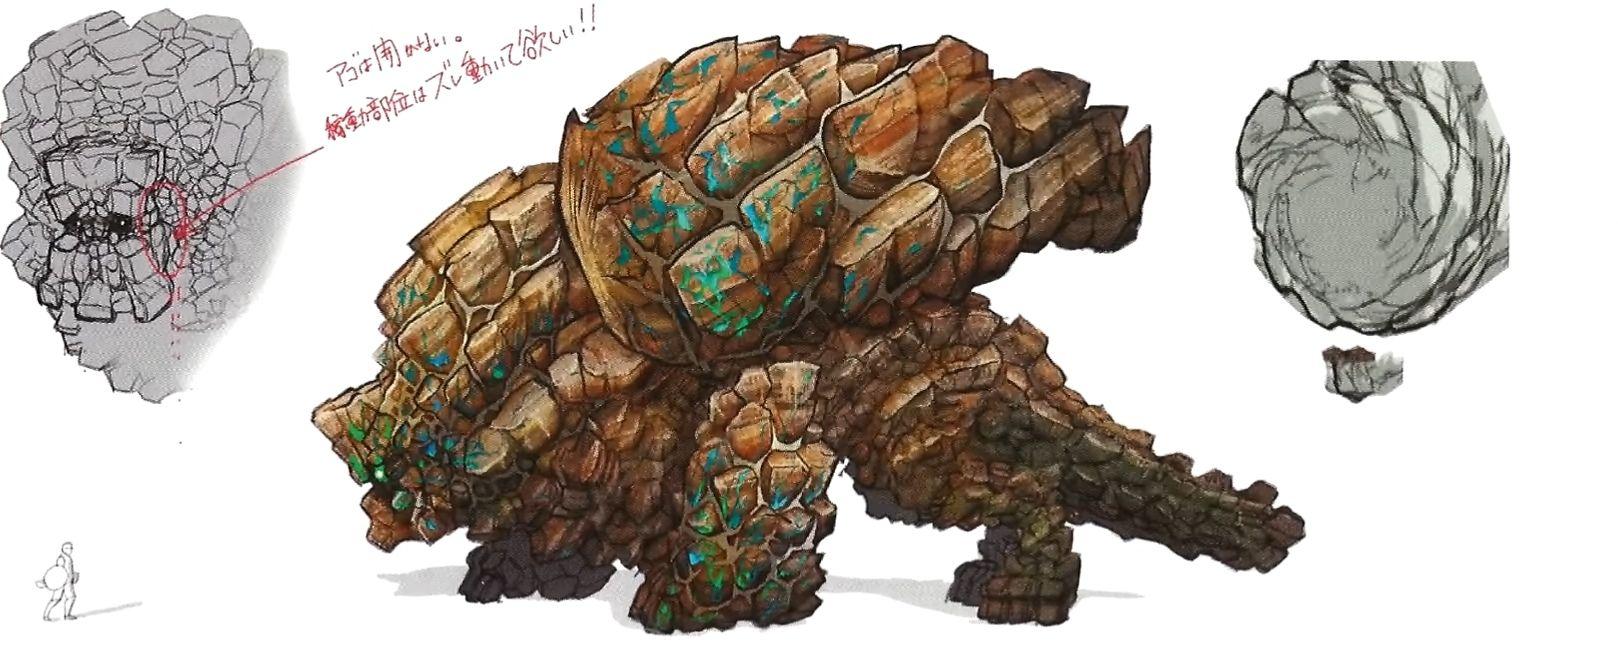 Shara Ishvalda Concept Art In 2020 Monster Hunter Series Monster Hunter Art Monster Hunter World 6th, 2019 and acts as its final boss. shara ishvalda concept art in 2020